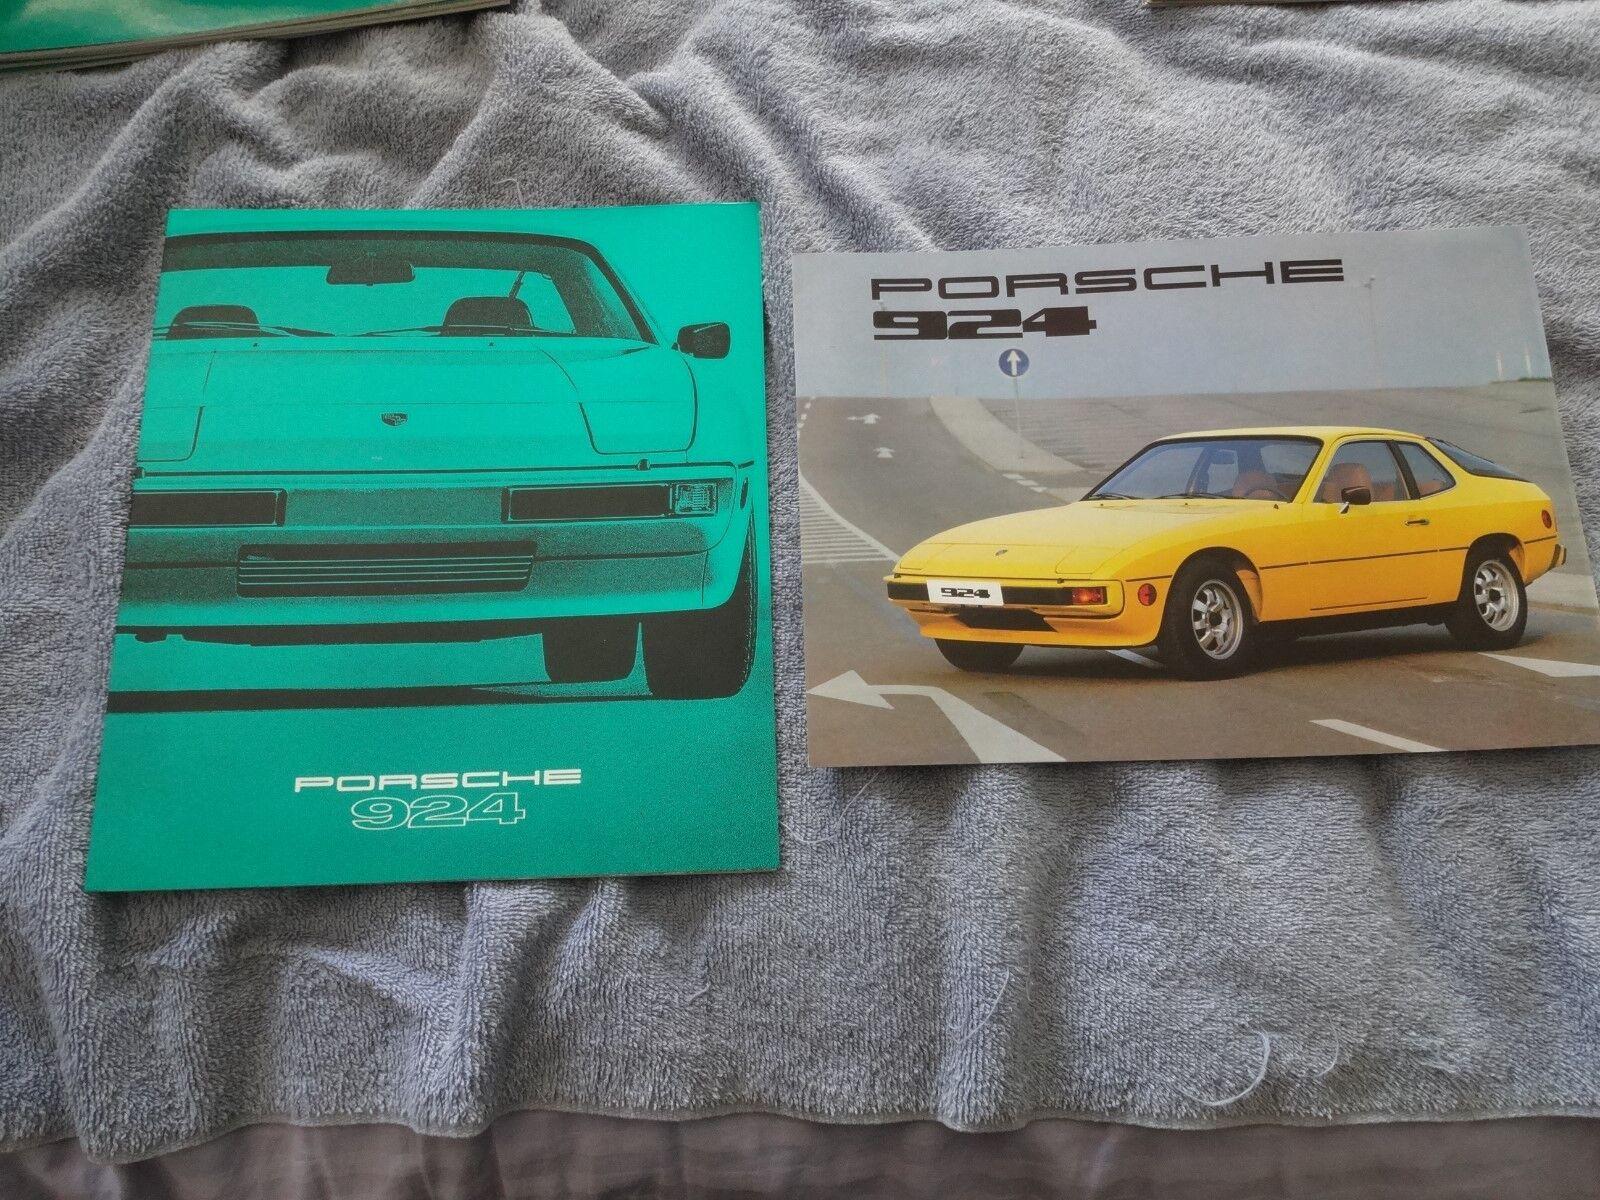 1978 Porsche 924 Prestige sales brochure & specification brochure great conditio